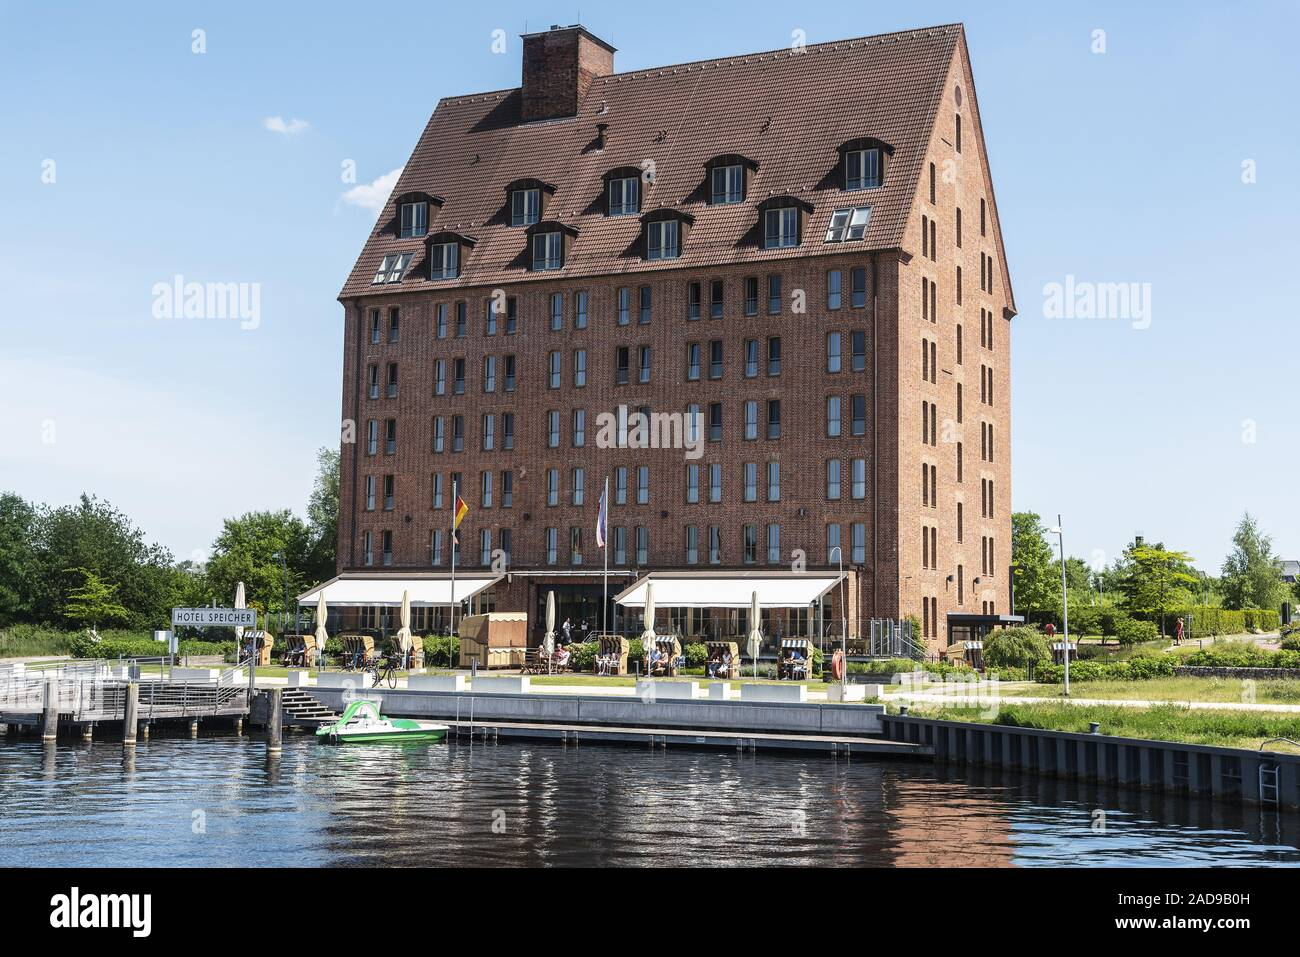 Hotel Speicher storage, Ziegelsee lake, Schwerin, Mecklenburg-Western Pomerania, Germany, Europe Stock Photo